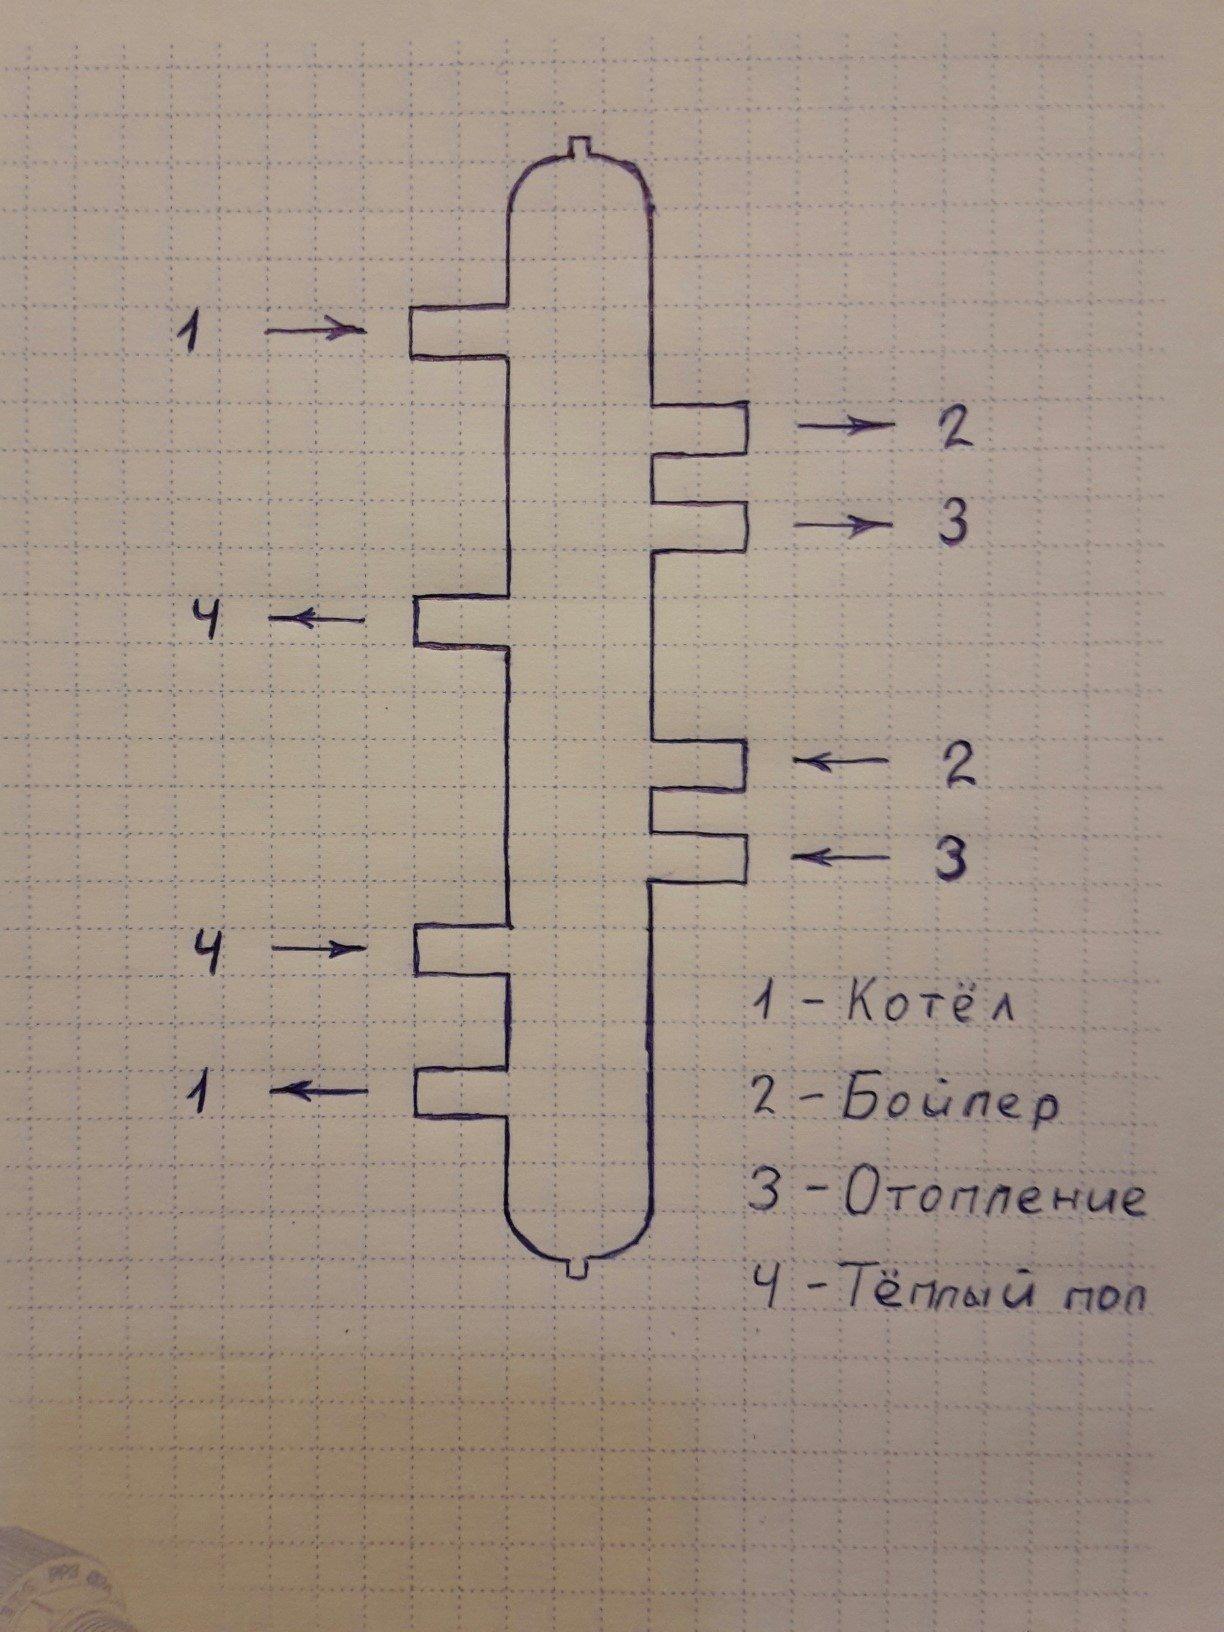 Гидрострелка позволяет синхронизировать несколько контуров с разными температурами теплоносителя.